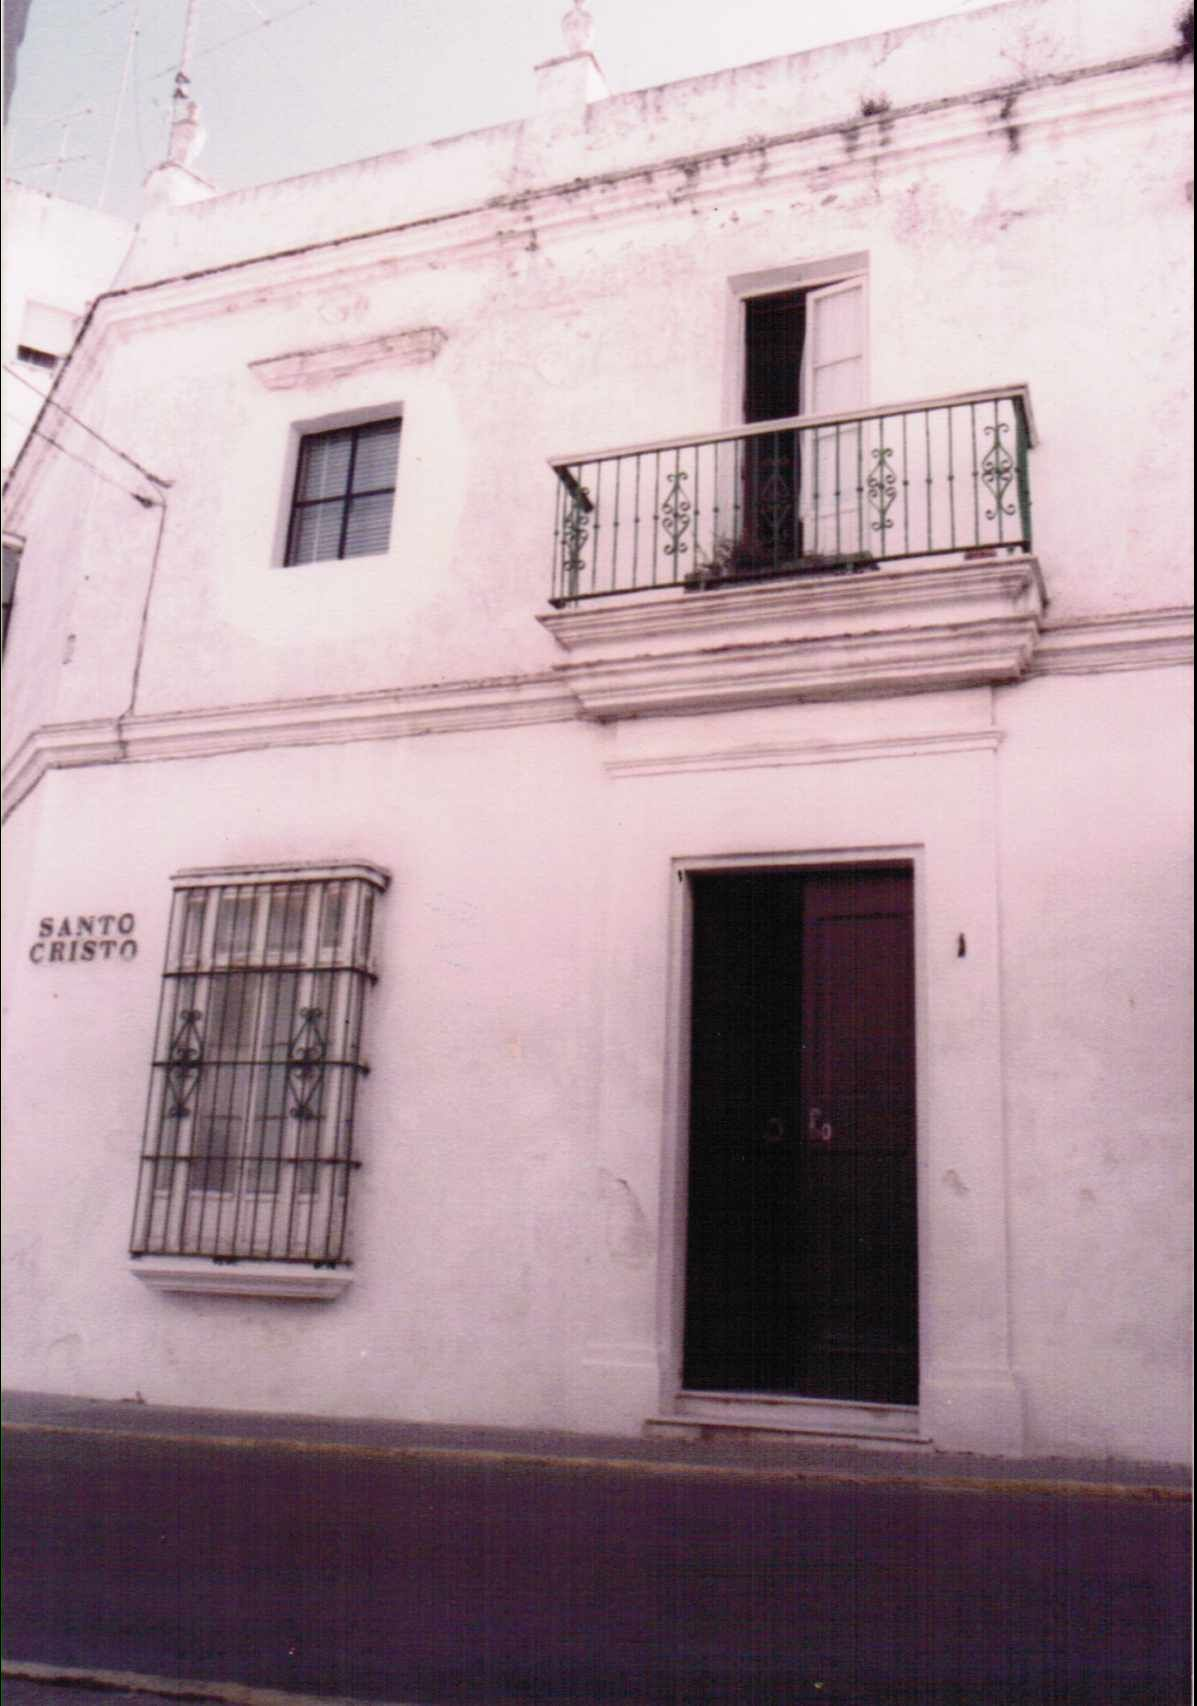 Casa de Paquiro. Calle Santo Cristo